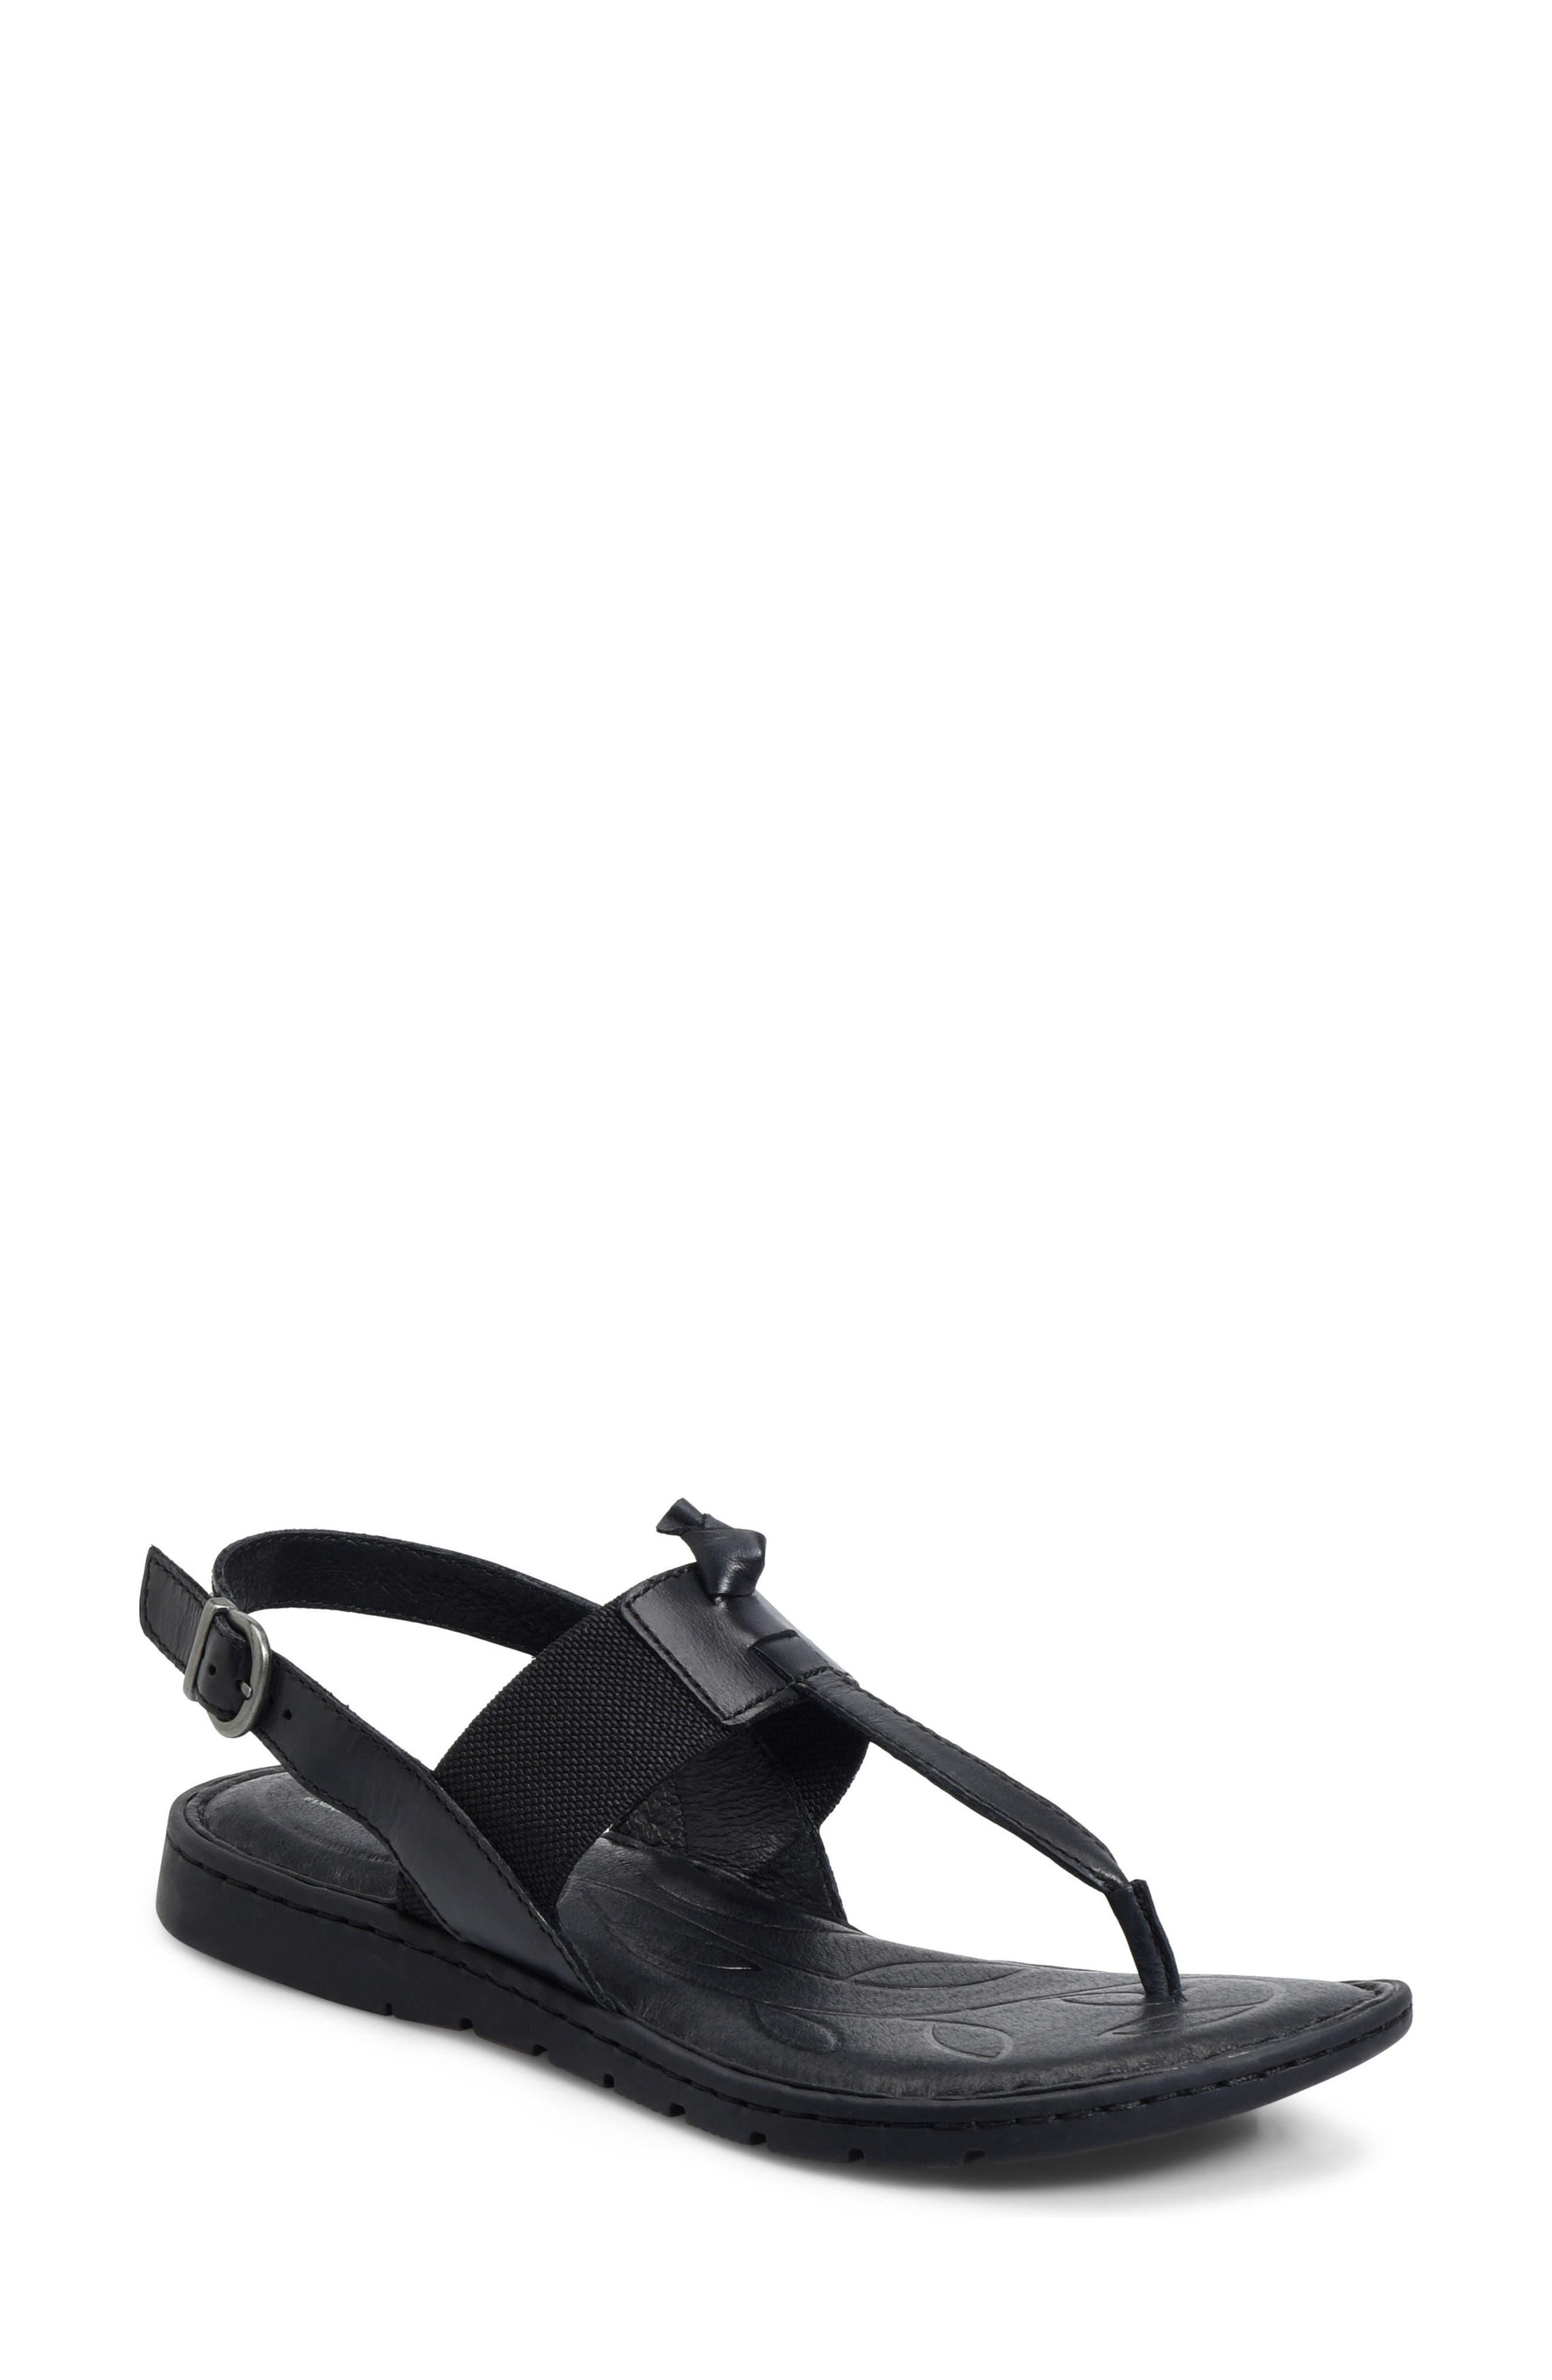 Siri Sandal,                         Main,                         color, 001